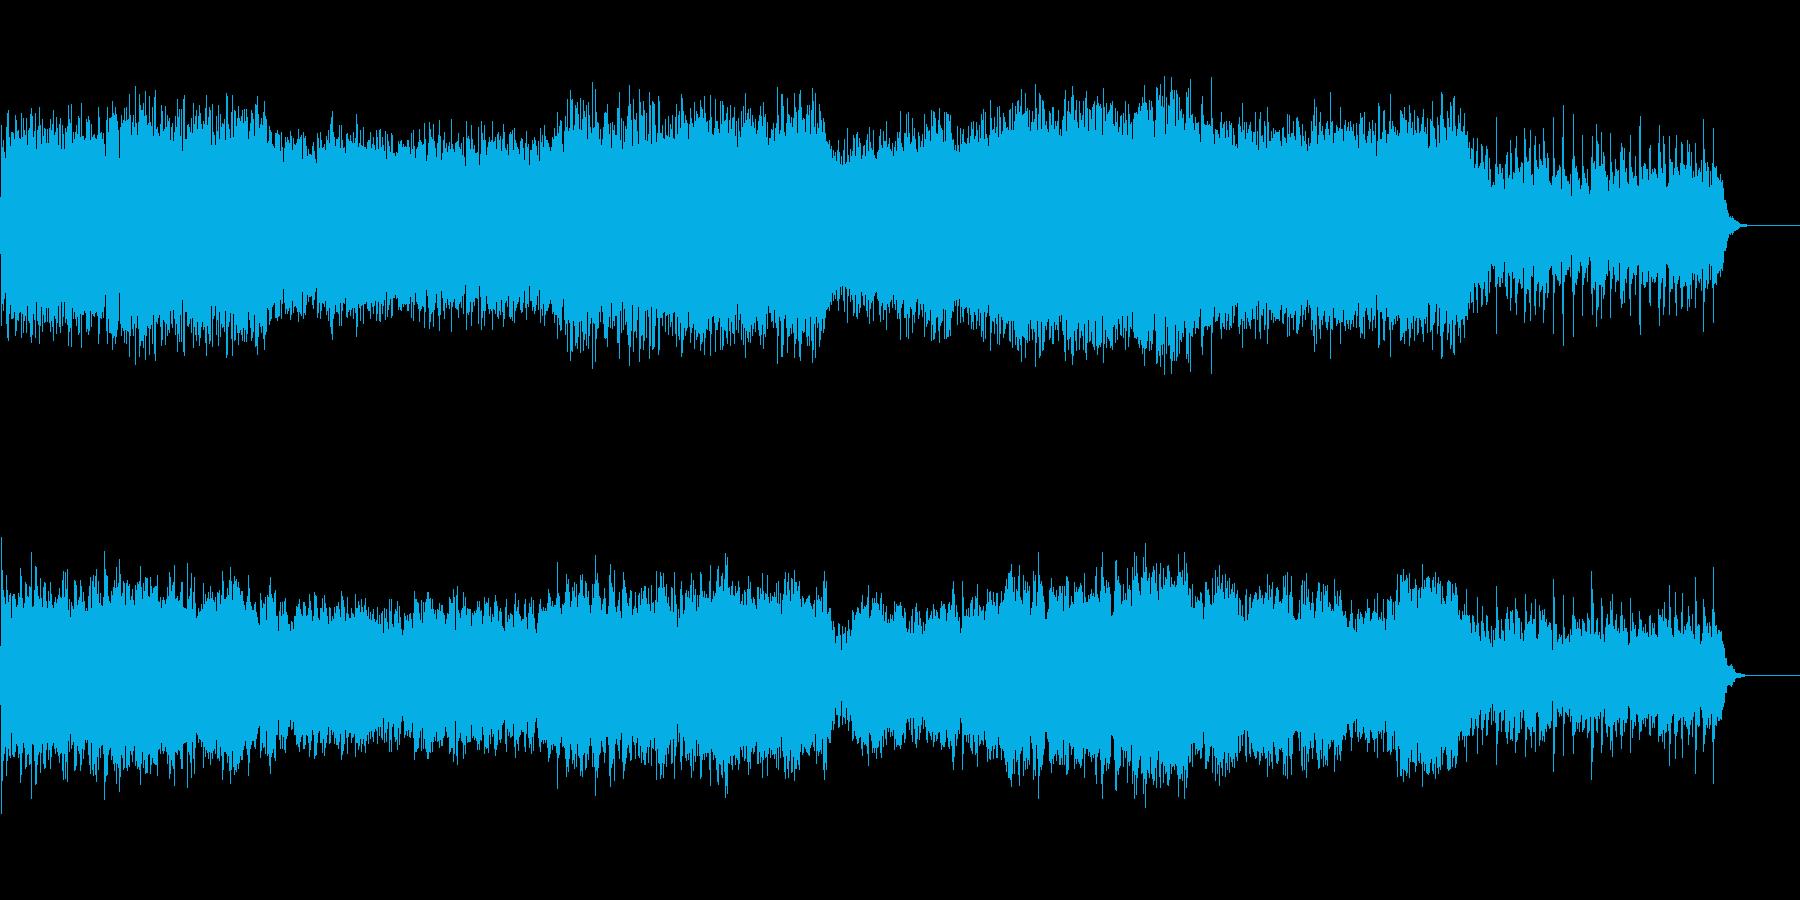 ブルックグリーン組曲より第一楽章前奏曲の再生済みの波形